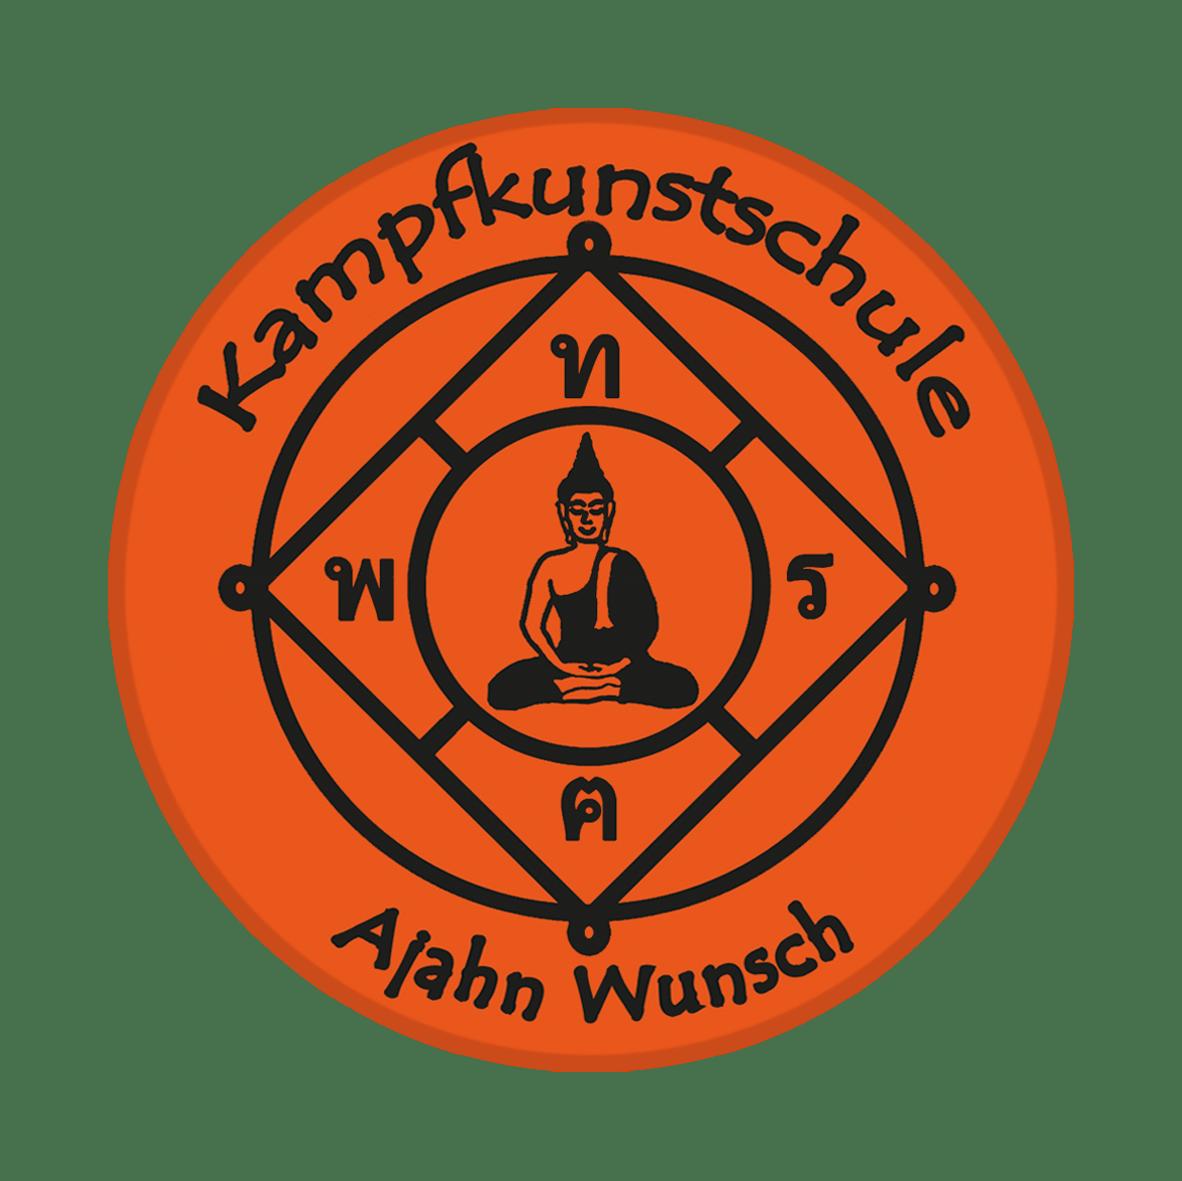 Logo Ajahn Wunsch Kampkunstschule